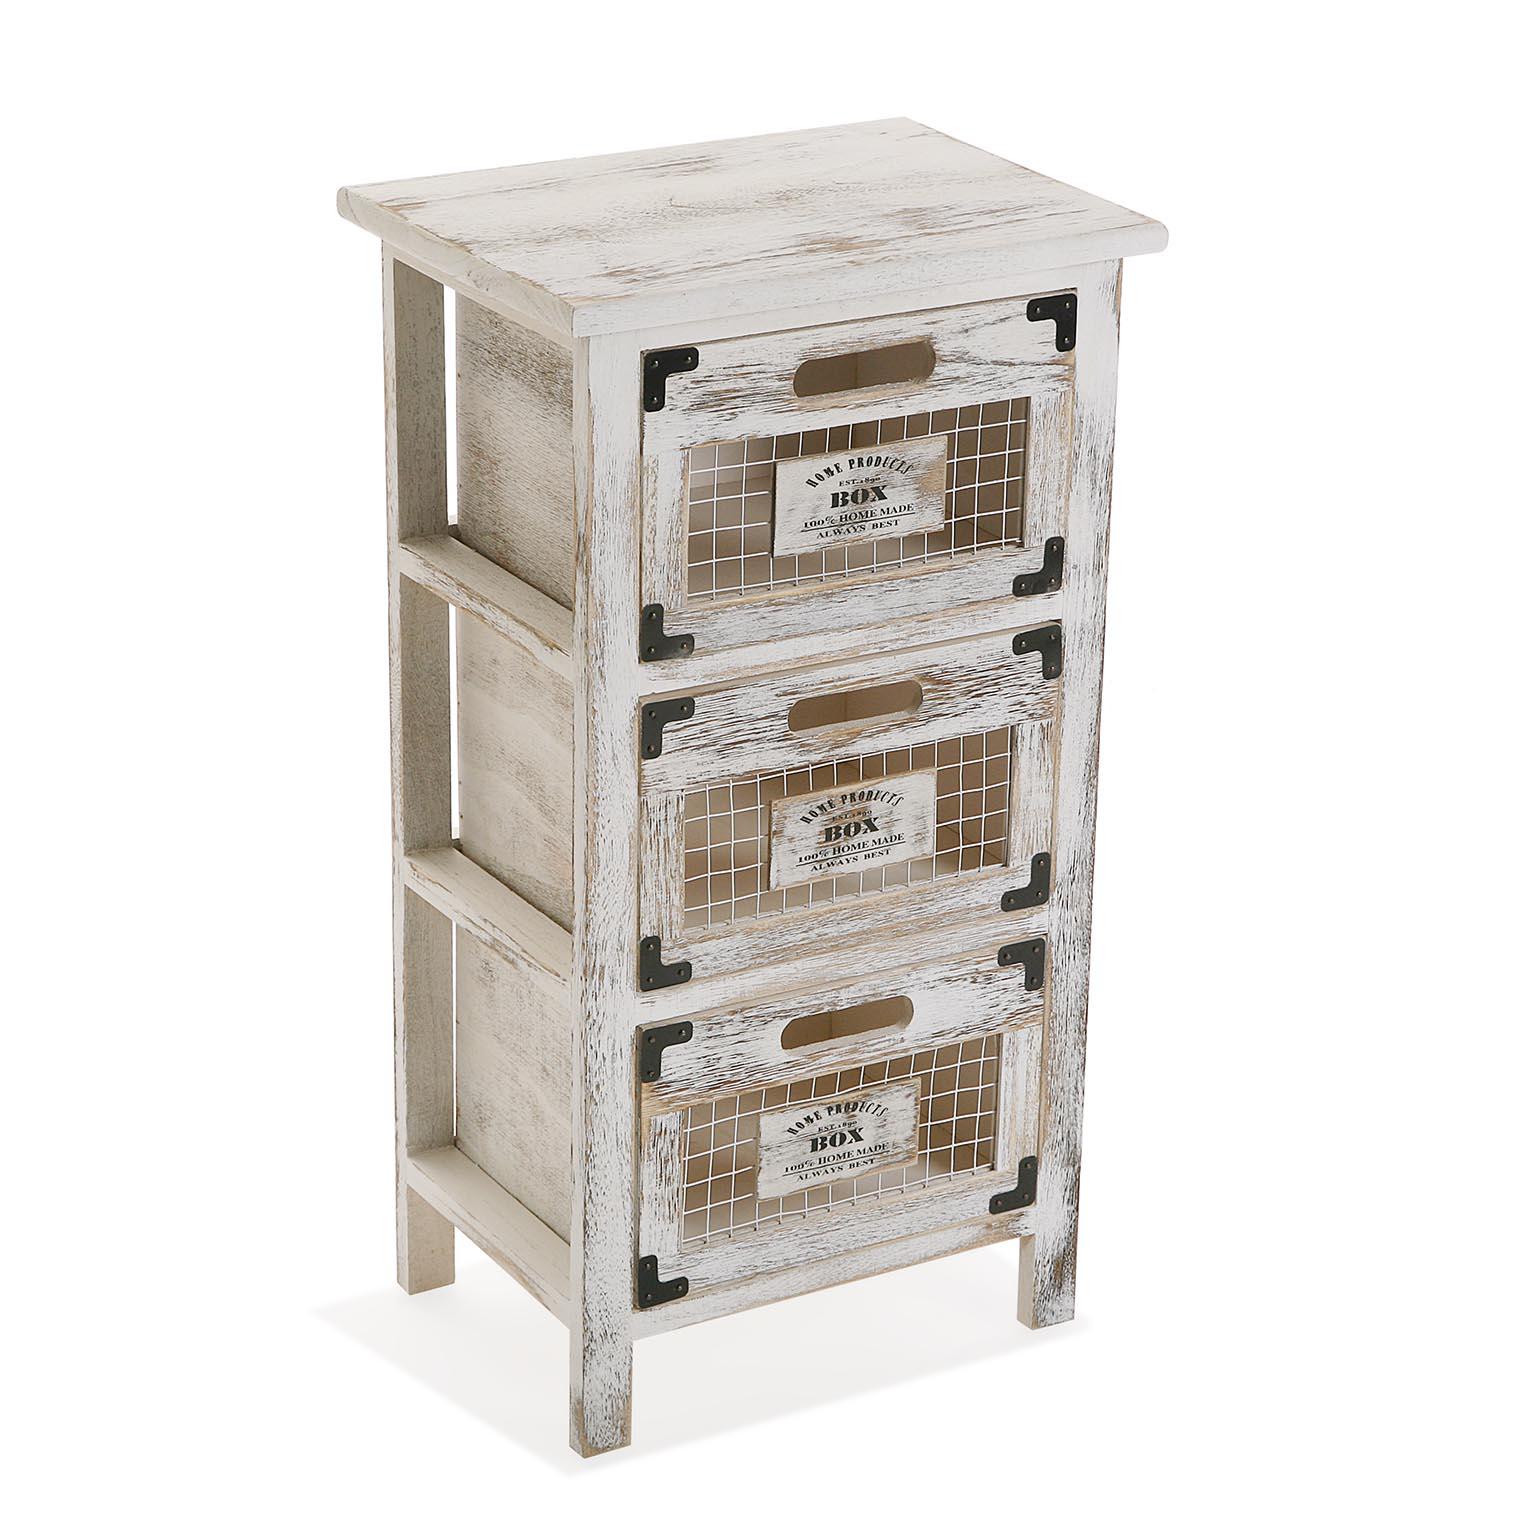 Petit meuble de rangement 3 tiroirs bois grillage   Petits meubles de rangement   Pier Import